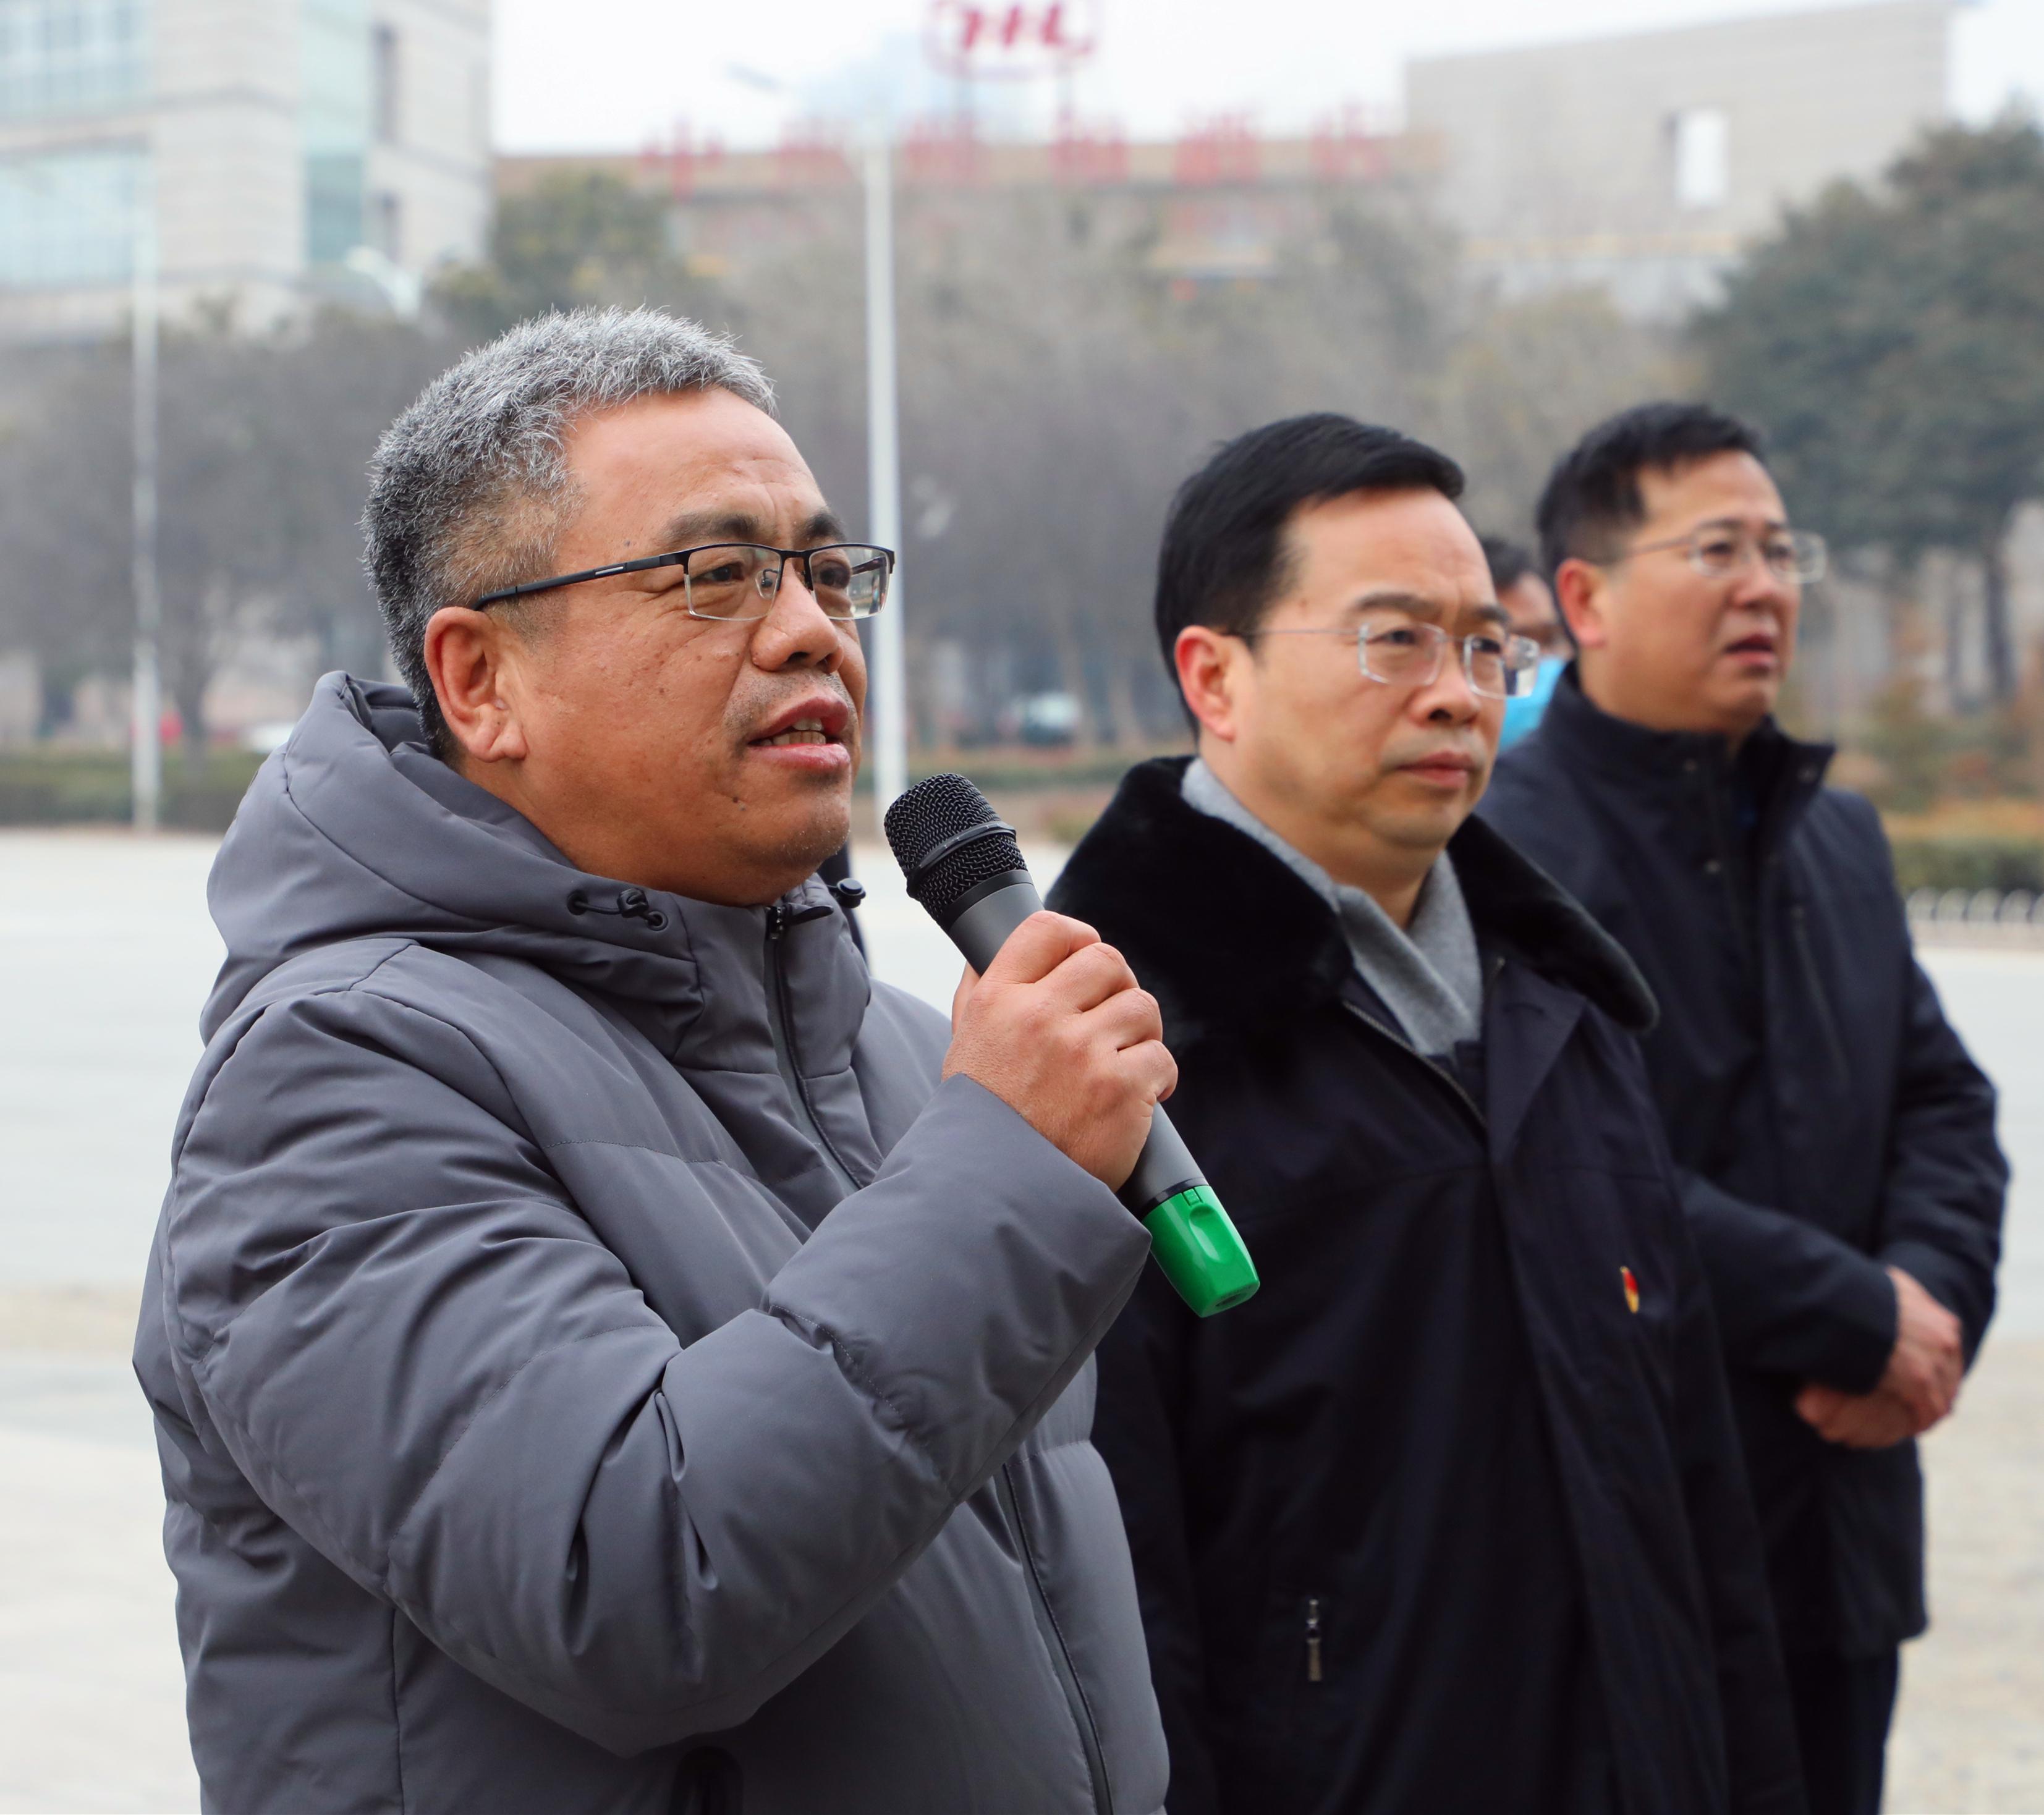 http://www.weixinrensheng.com/jiaoyu/1499202.html